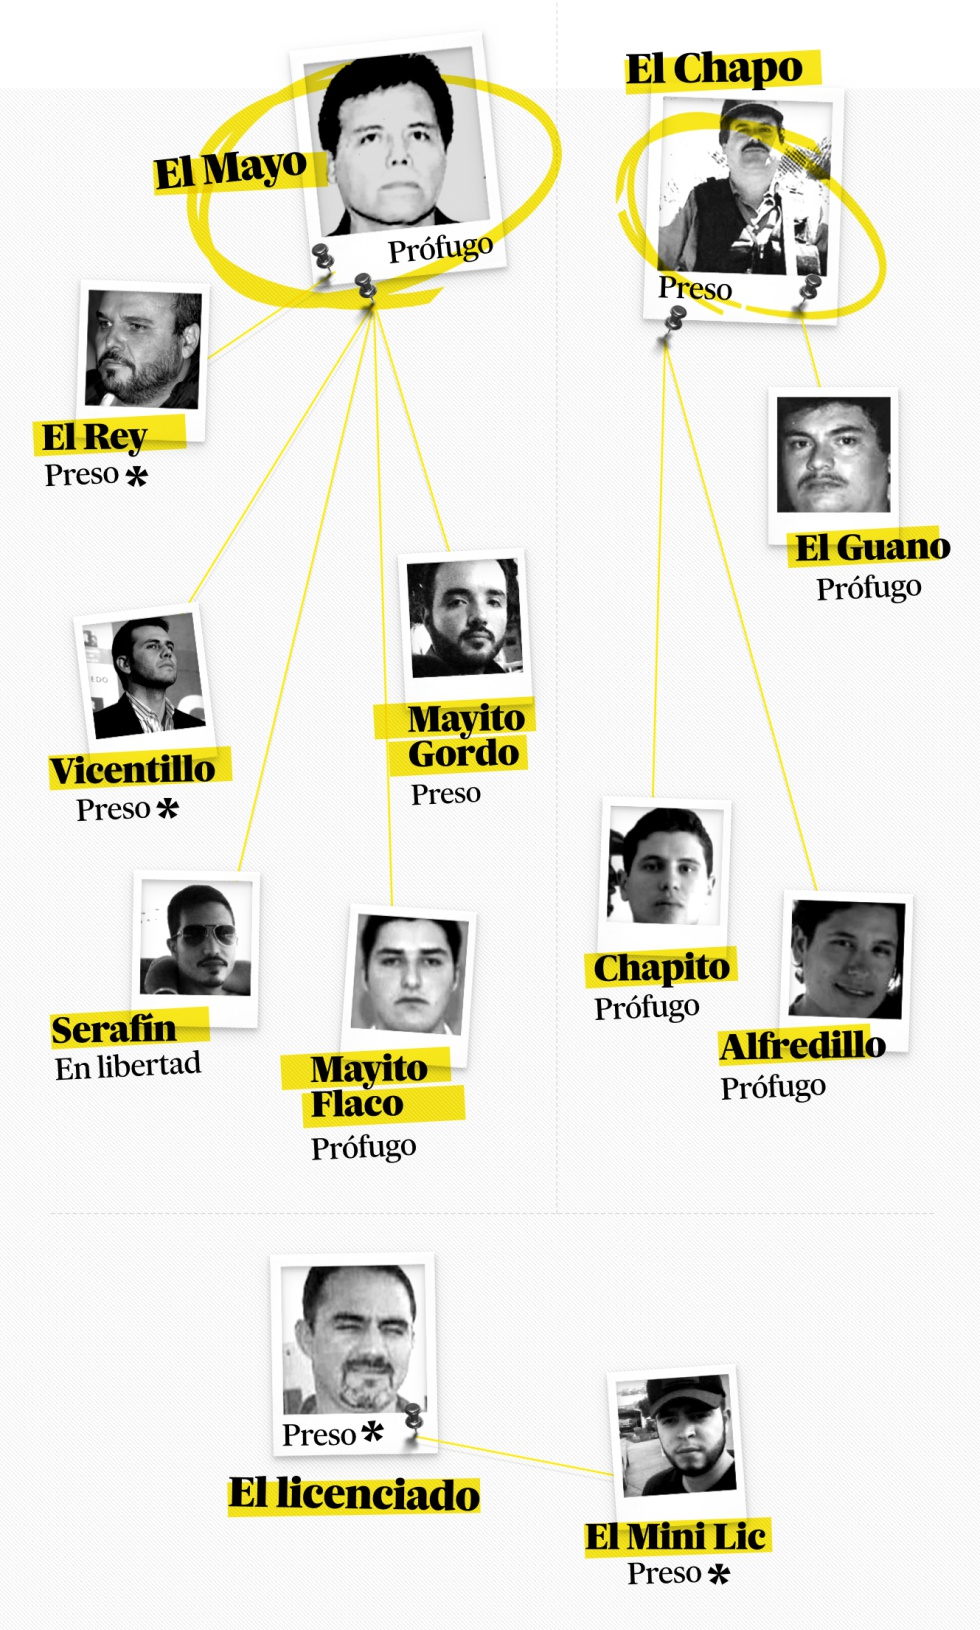 Las tres familias en liza del cartel de Sinaloa. A la izquierda, cuatro de los hijos de Ismael 'El Mayo' Zambada y su hermano Jesús, 'El Rey'. Por parte de El Chapo, su hermano Aureliano 'El Guano' Guzmán, y dos de sus hijos (Iván Archivaldo, 'Chapito', y Jesús Alfredo) quienes lucharon por el control del cartel contra Damaso López Núñez, 'El Lincenciado' (abajo), y su hijo, El MiniLic. Marcados con un * aquellos narcos que testificaron en el juicio de El Chapo.